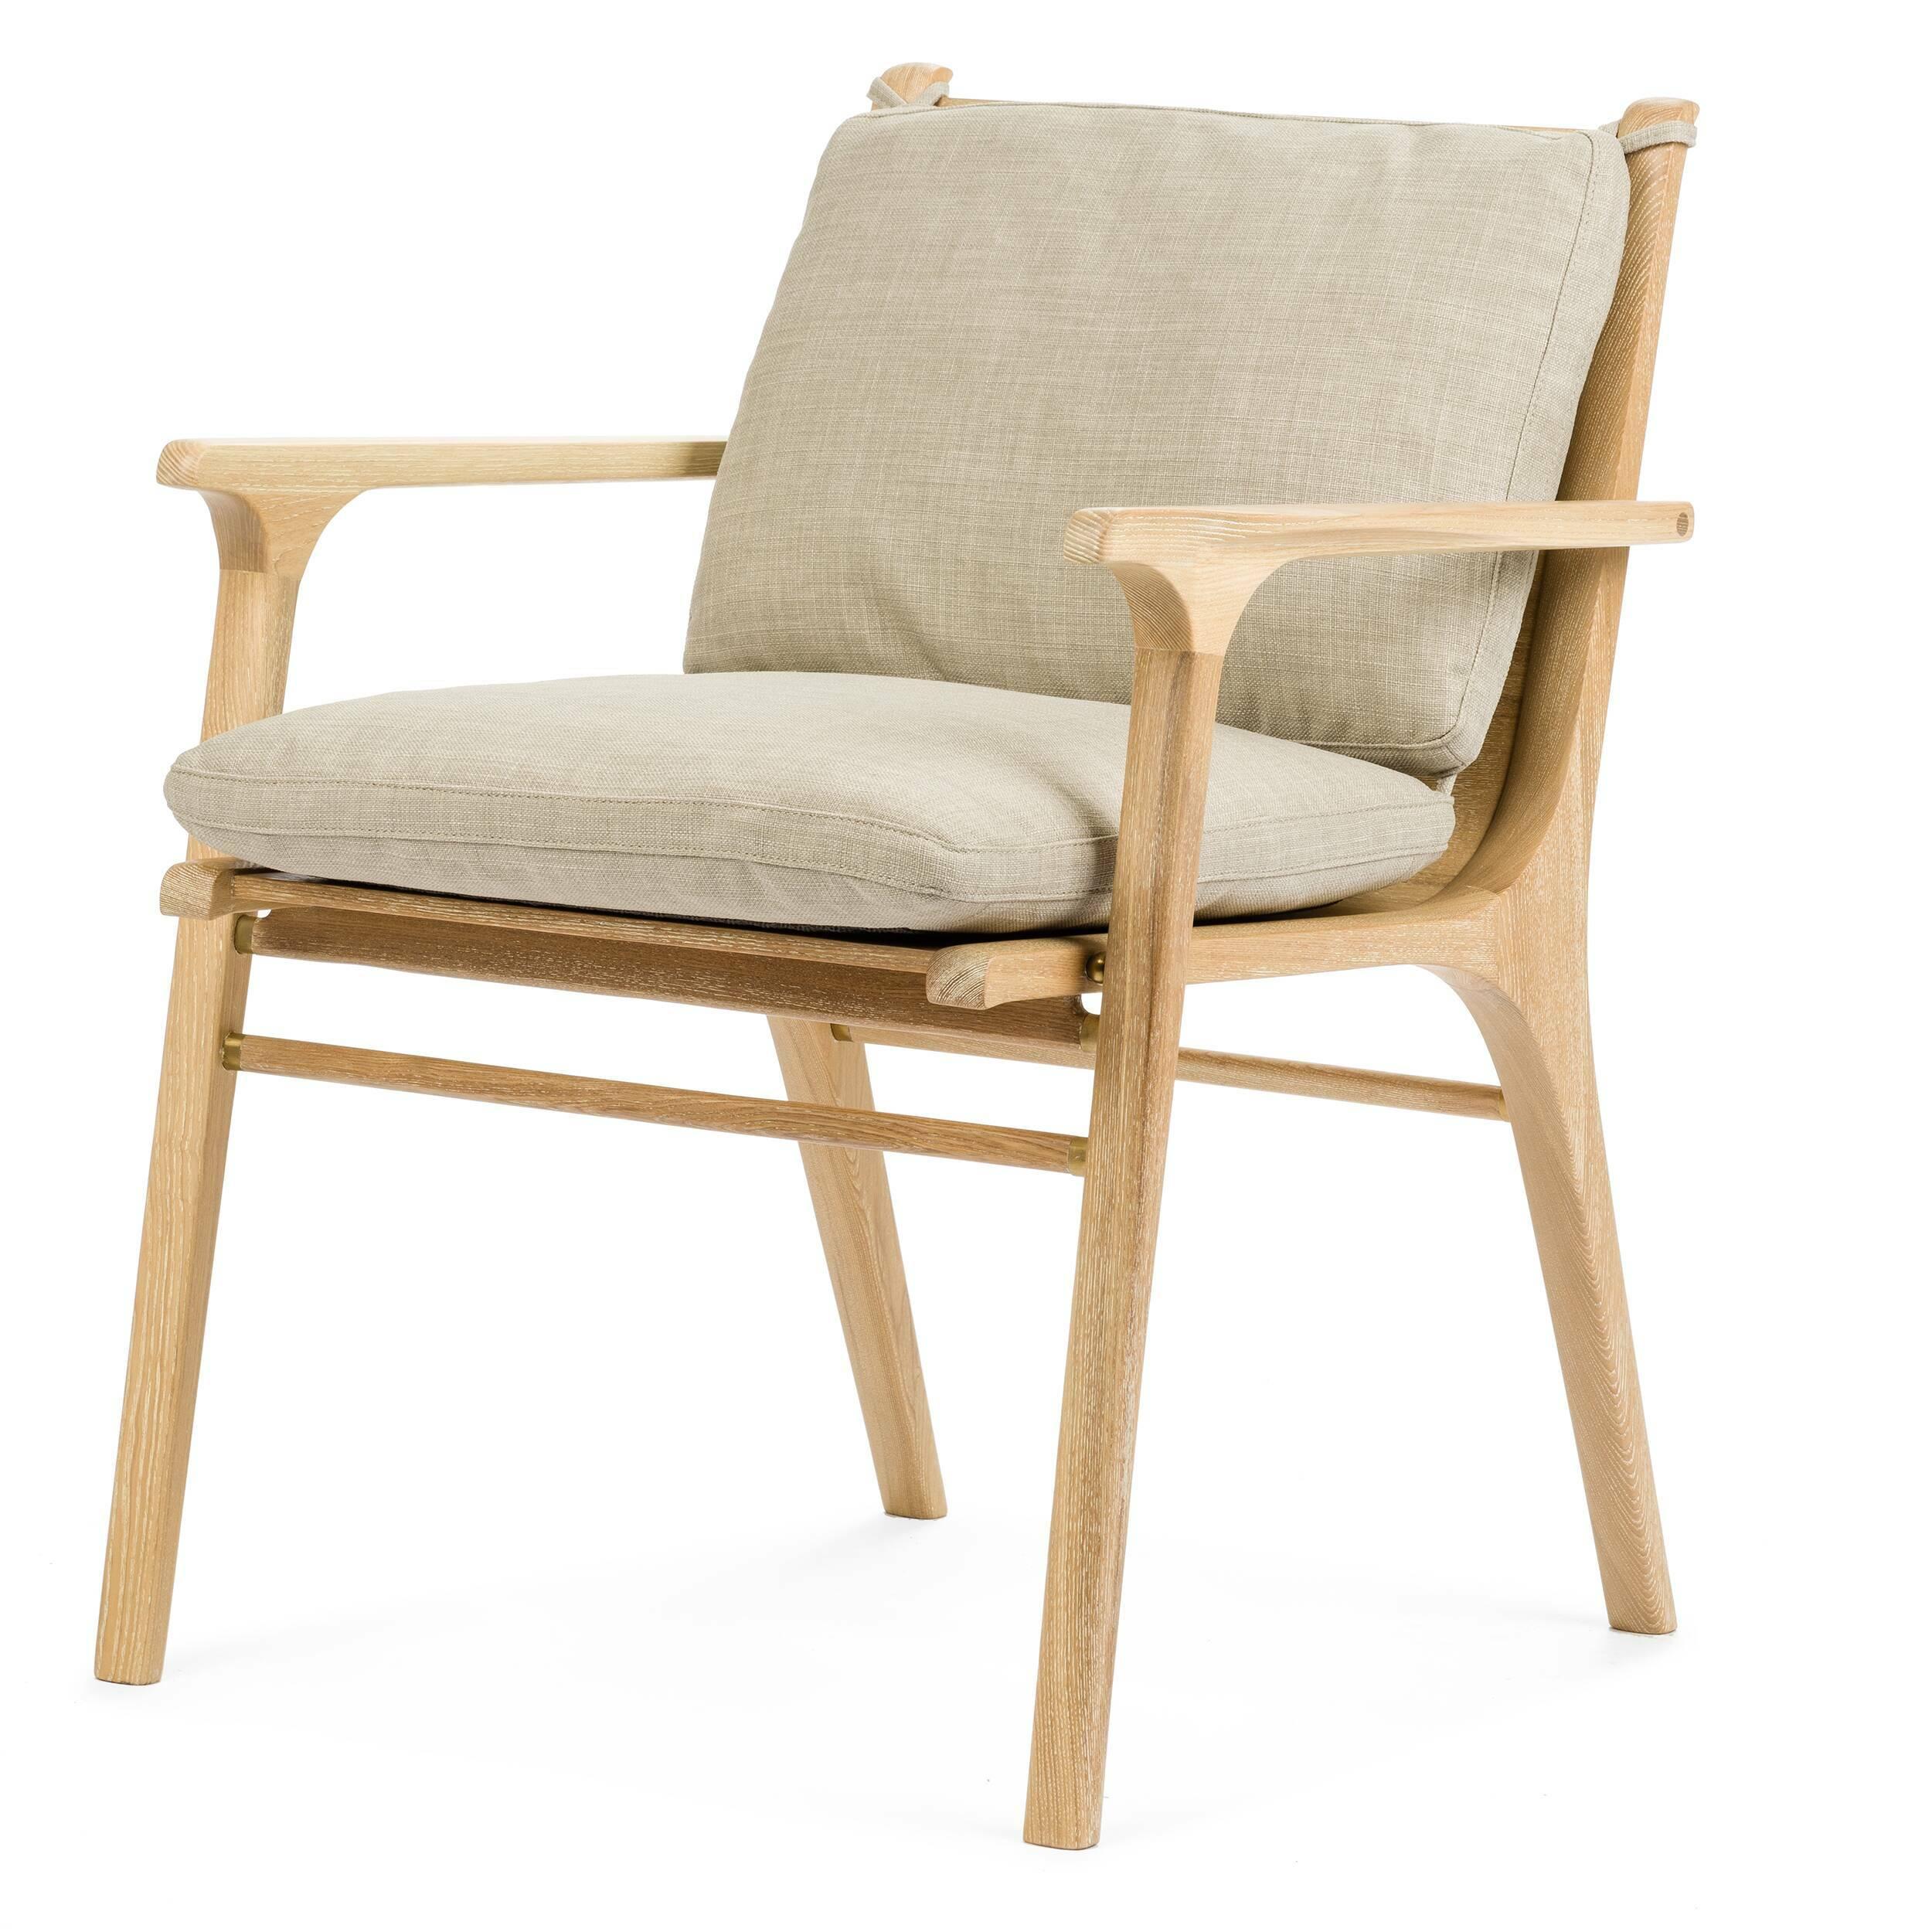 Кресло RenИнтерьерные<br>Дизайнерское легкое кресло Ren (Рэн) из дерева с тканевой обивкой от Stellar works (Стеллар Воркс).<br><br><br> Сдержанный дизайн коллекции RГ©n построен на творческом вдохновении и амбициях. Коллекция отражает сложившуюся традицию современного датского дизайна со свойственным ему скандинавским стремлением к идеалам красоты, высокому качеству и доступности. Эта философия обильно приправлена знаниями, опытом, вдохновением и декоративными элементами, характерными для визуального искусства Япон...<br><br>stock: 1<br>Высота: 77<br>Ширина: 62,4<br>Глубина: 60<br>Материал каркаса: Массив ясеня<br>Тип материала каркаса: Дерево<br>Тип материала обивки: Ткань<br>Цвет обивки: Серый<br>Цвет каркаса: Светло-коричневый